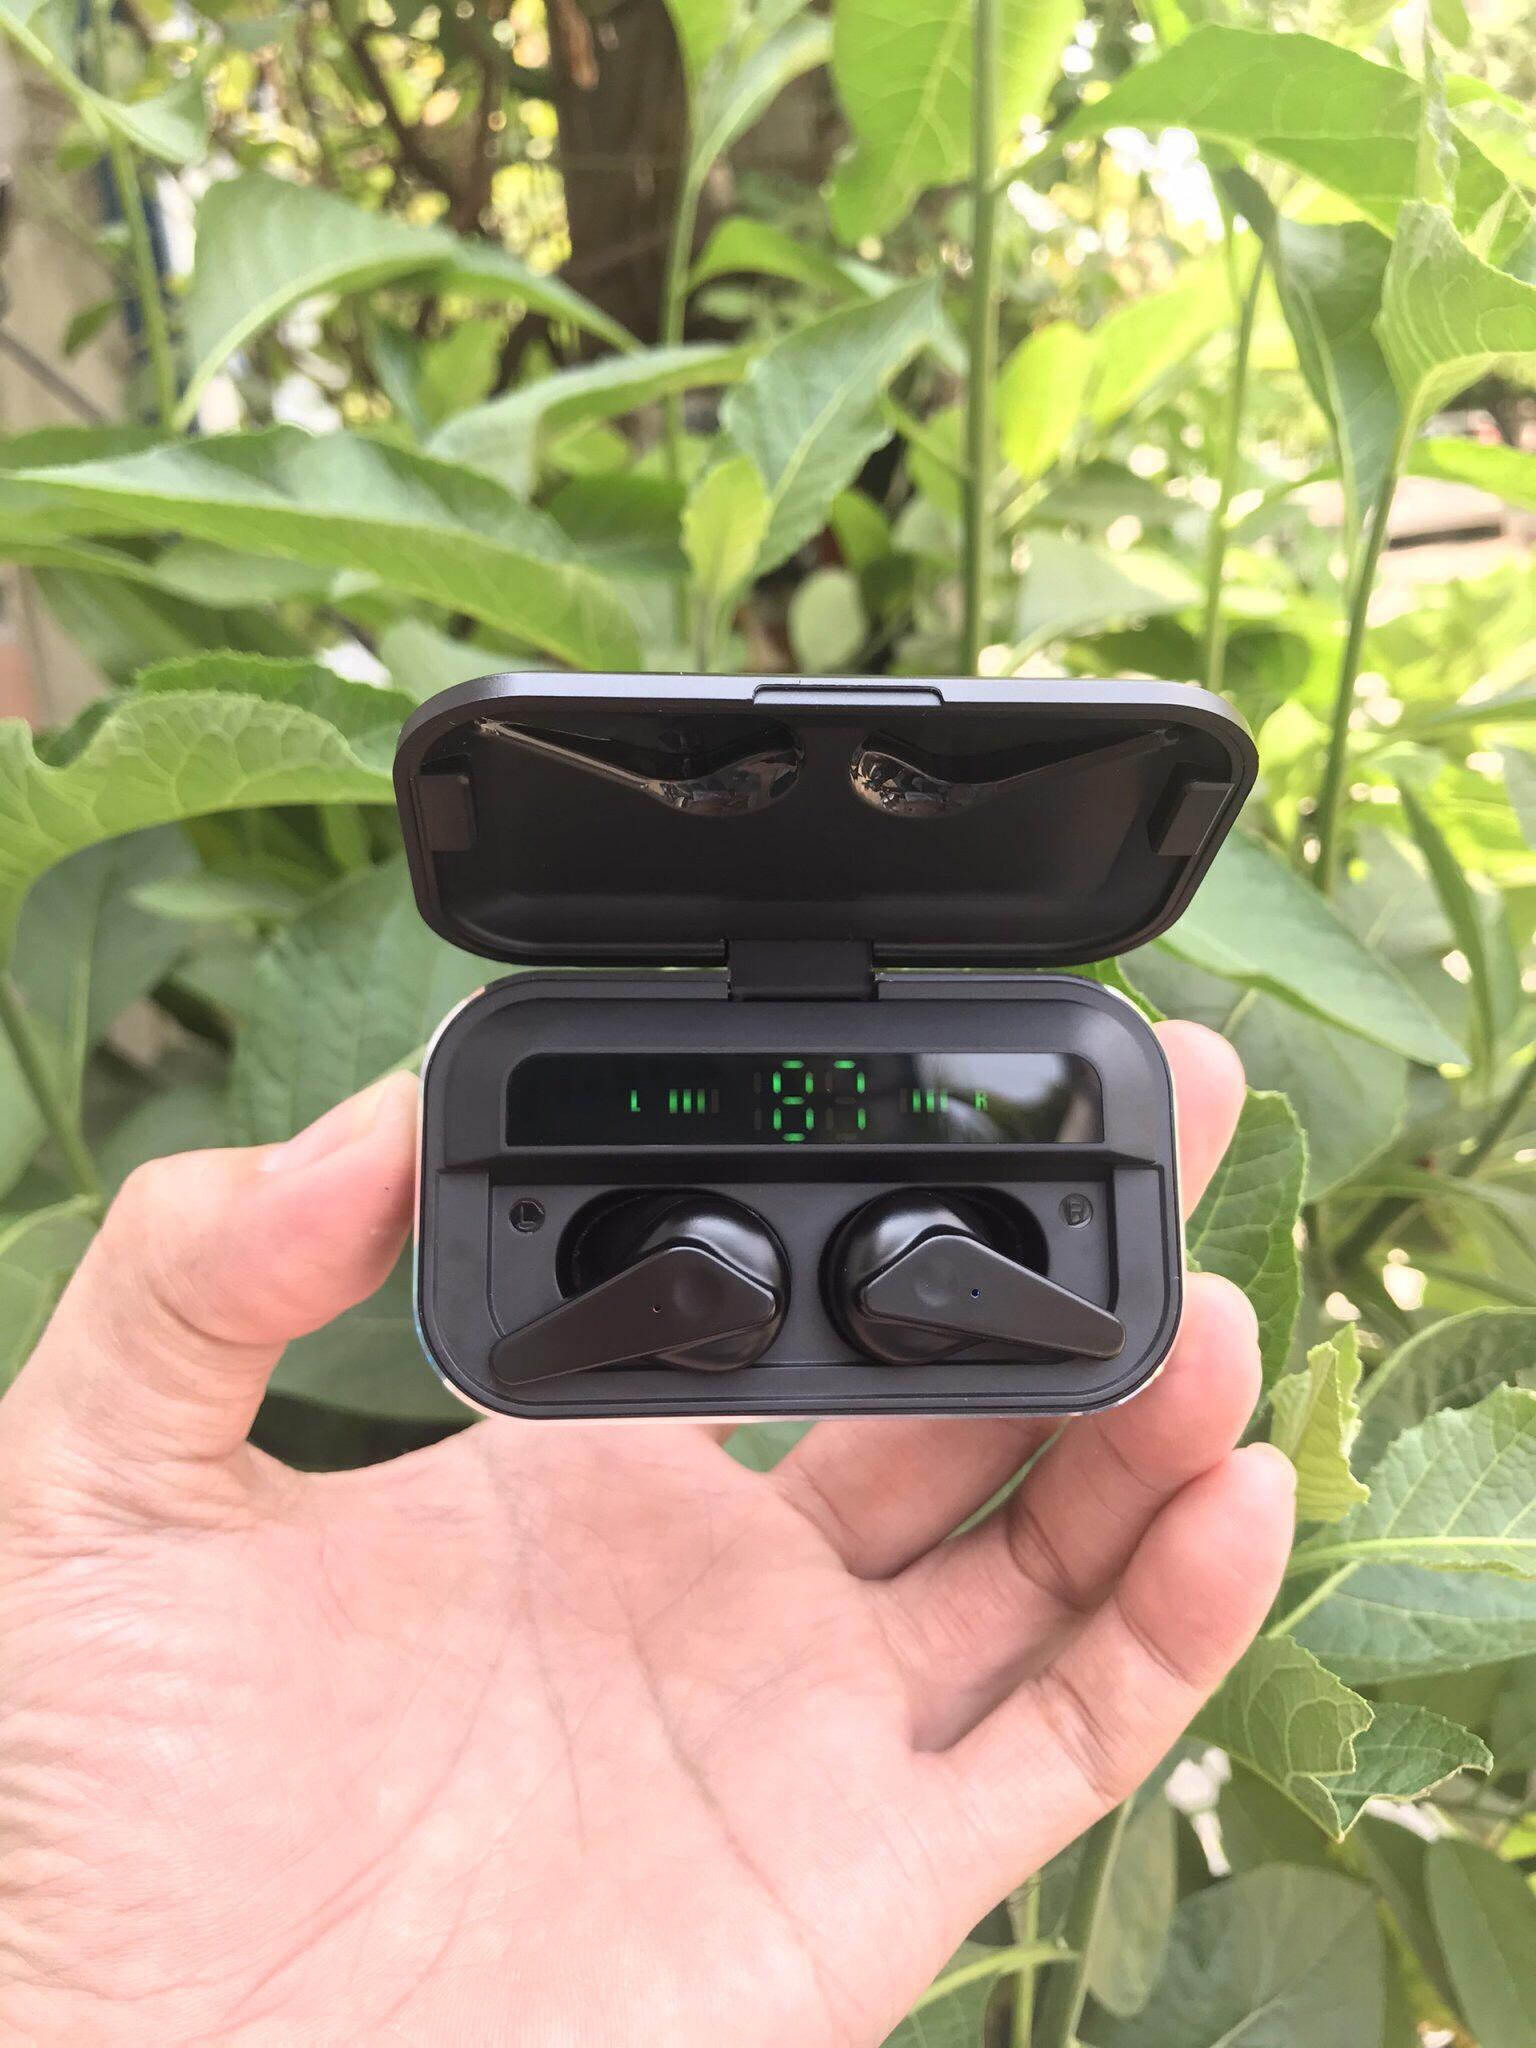 Tai nghe Bluetooth cao cấp sạc nhanh - chống ồn hiệu quả